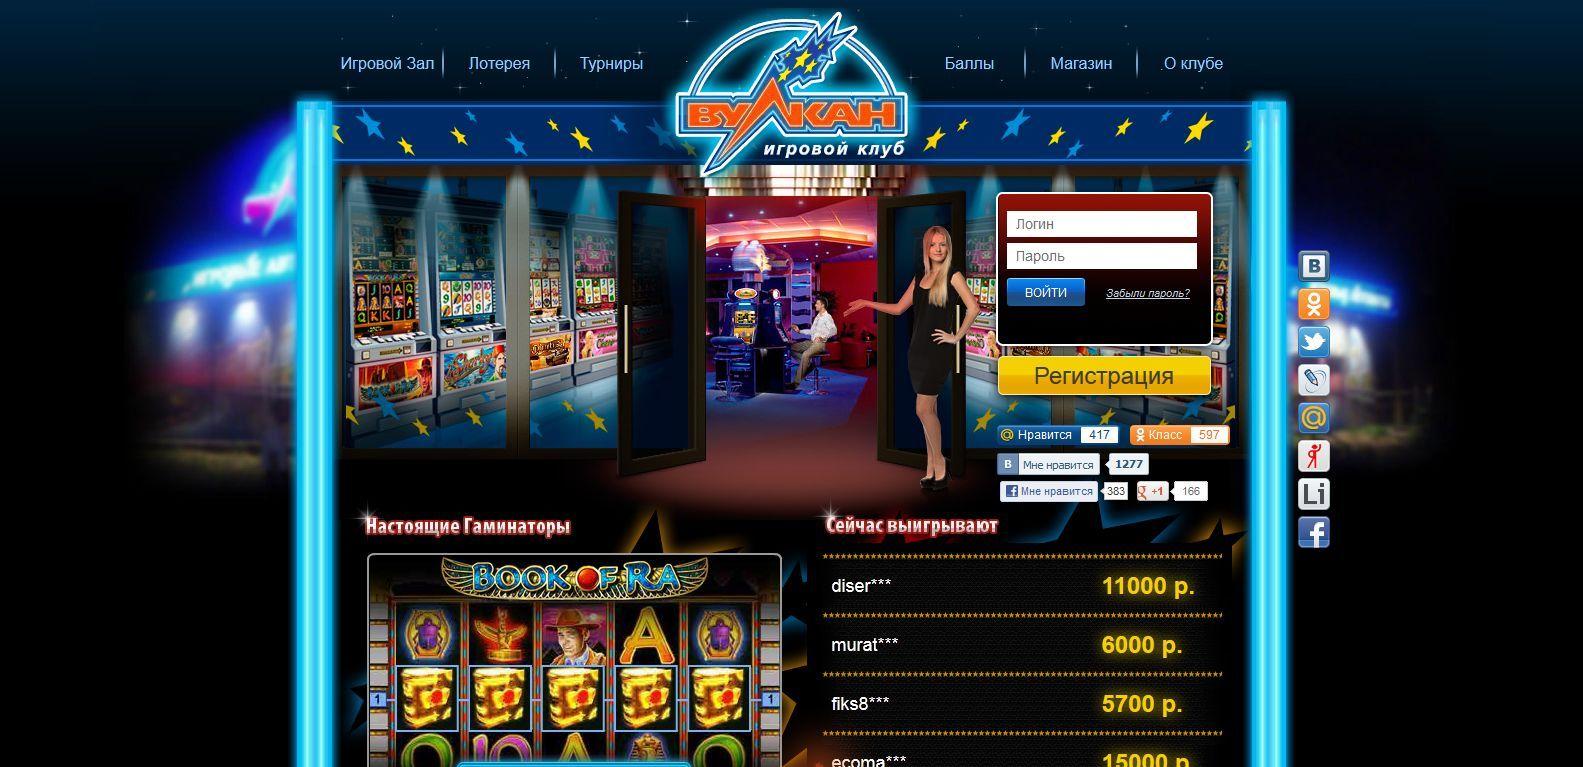 Новые игры 2013 игровые автоматы онлайн казино goldstar